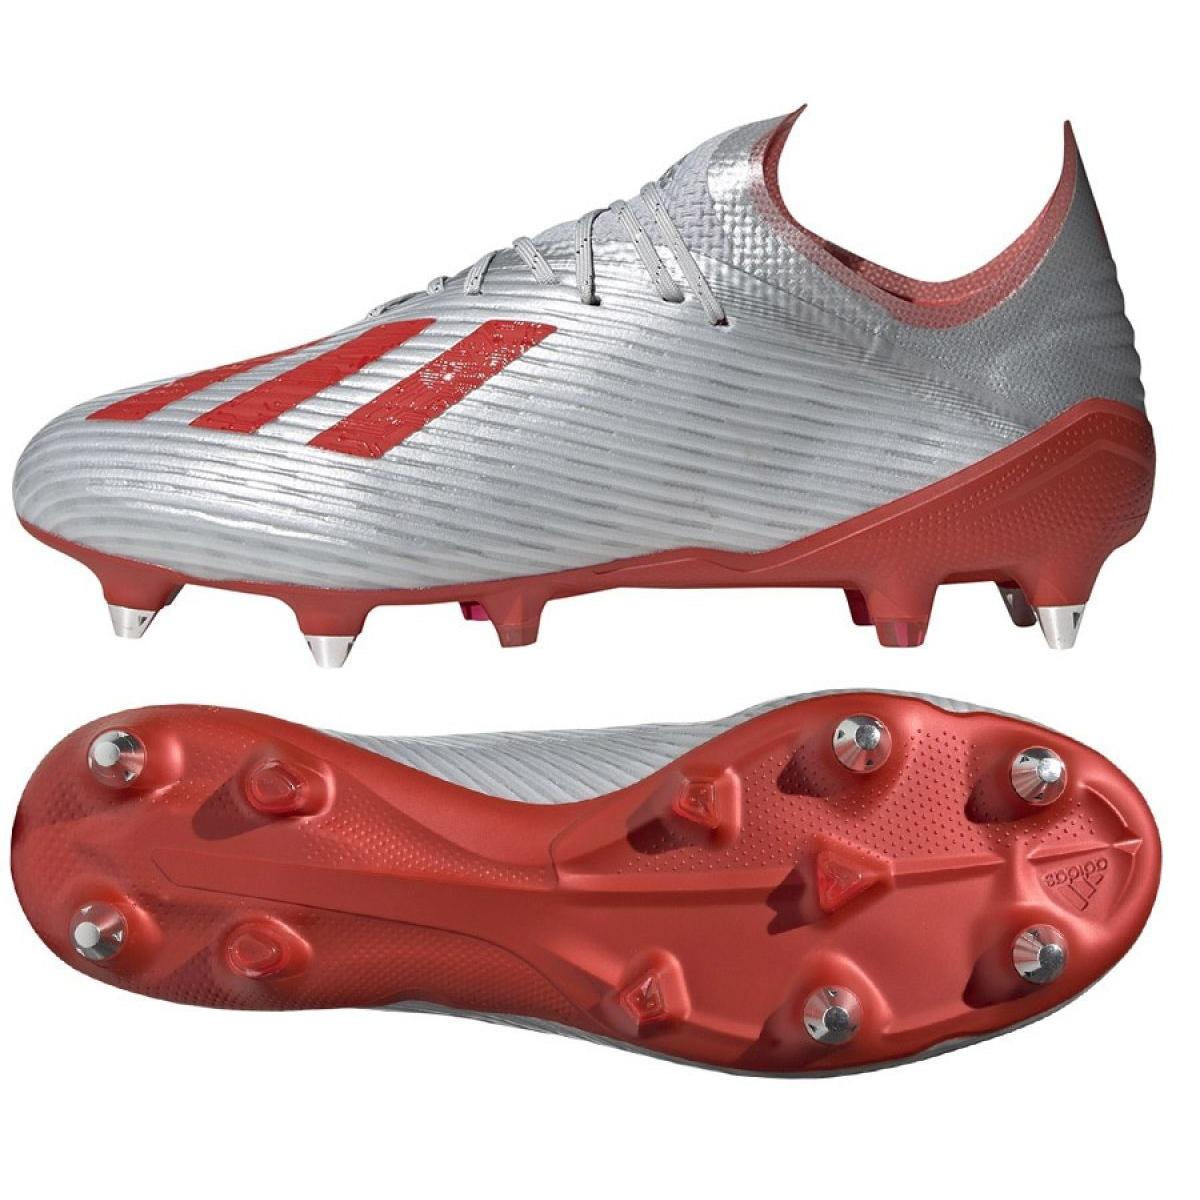 Fussballschuhe Adidas X 19 1 Sg M F35311 Rot Grau Silber Silber